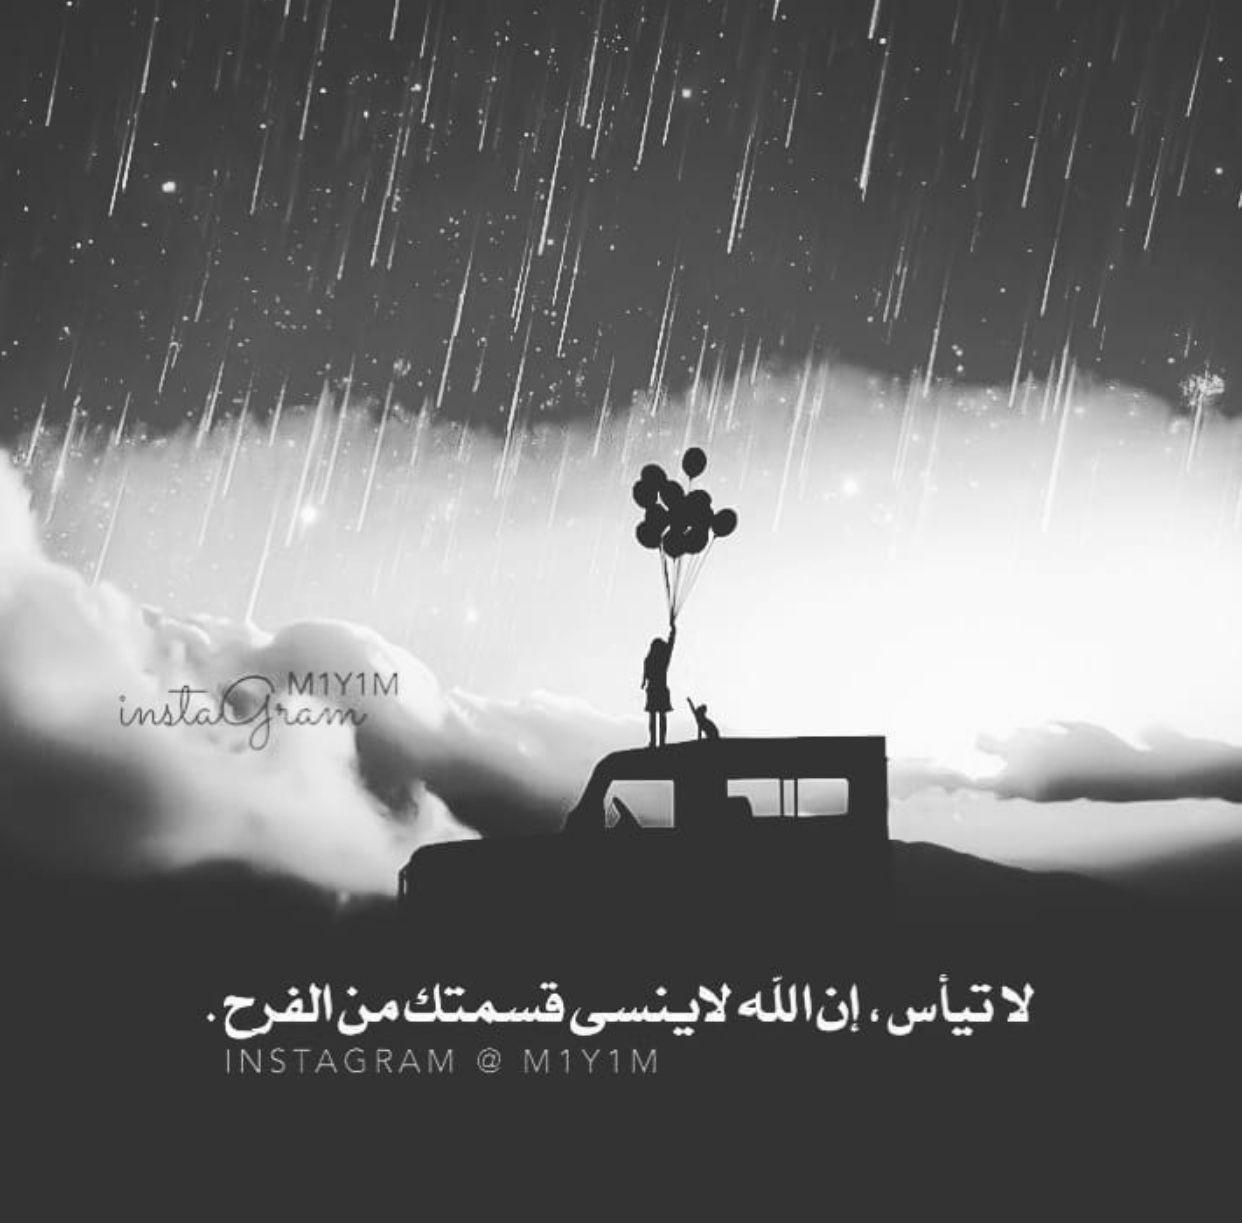 ما حاجتي للحظ وانا ادرك ان الله معي Movie Posters Instagram Movies